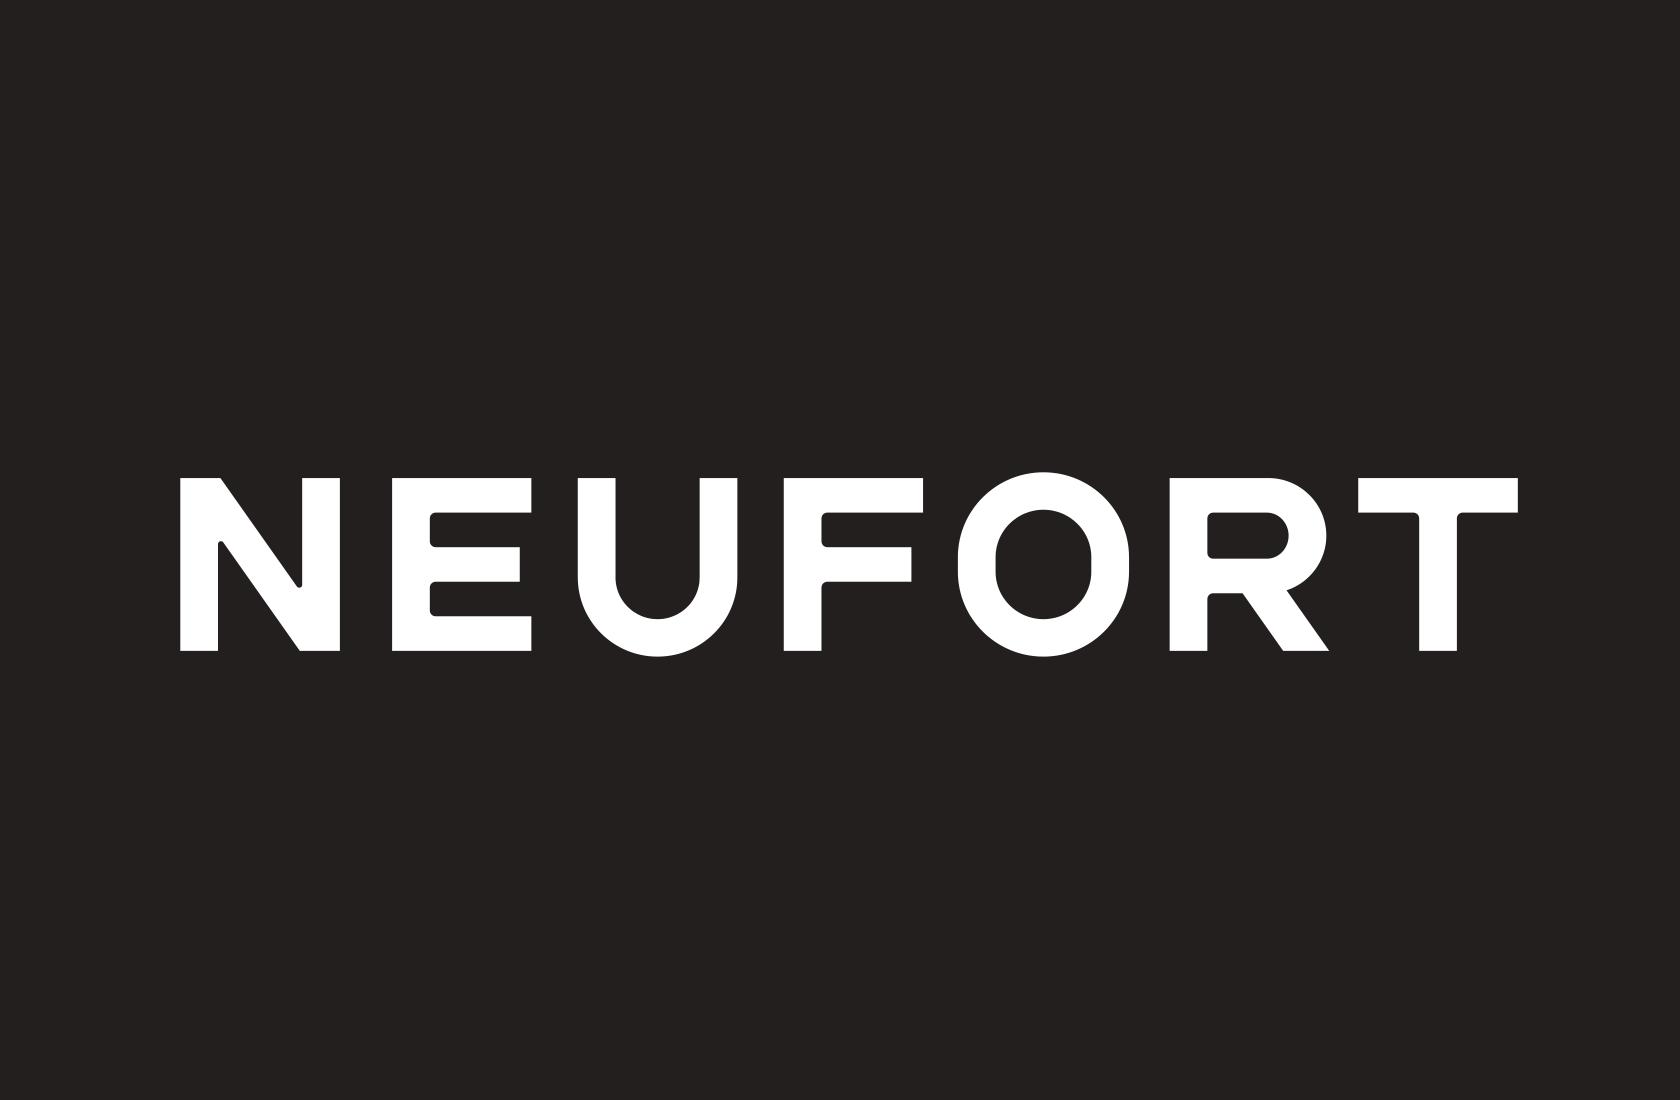 neufort_02